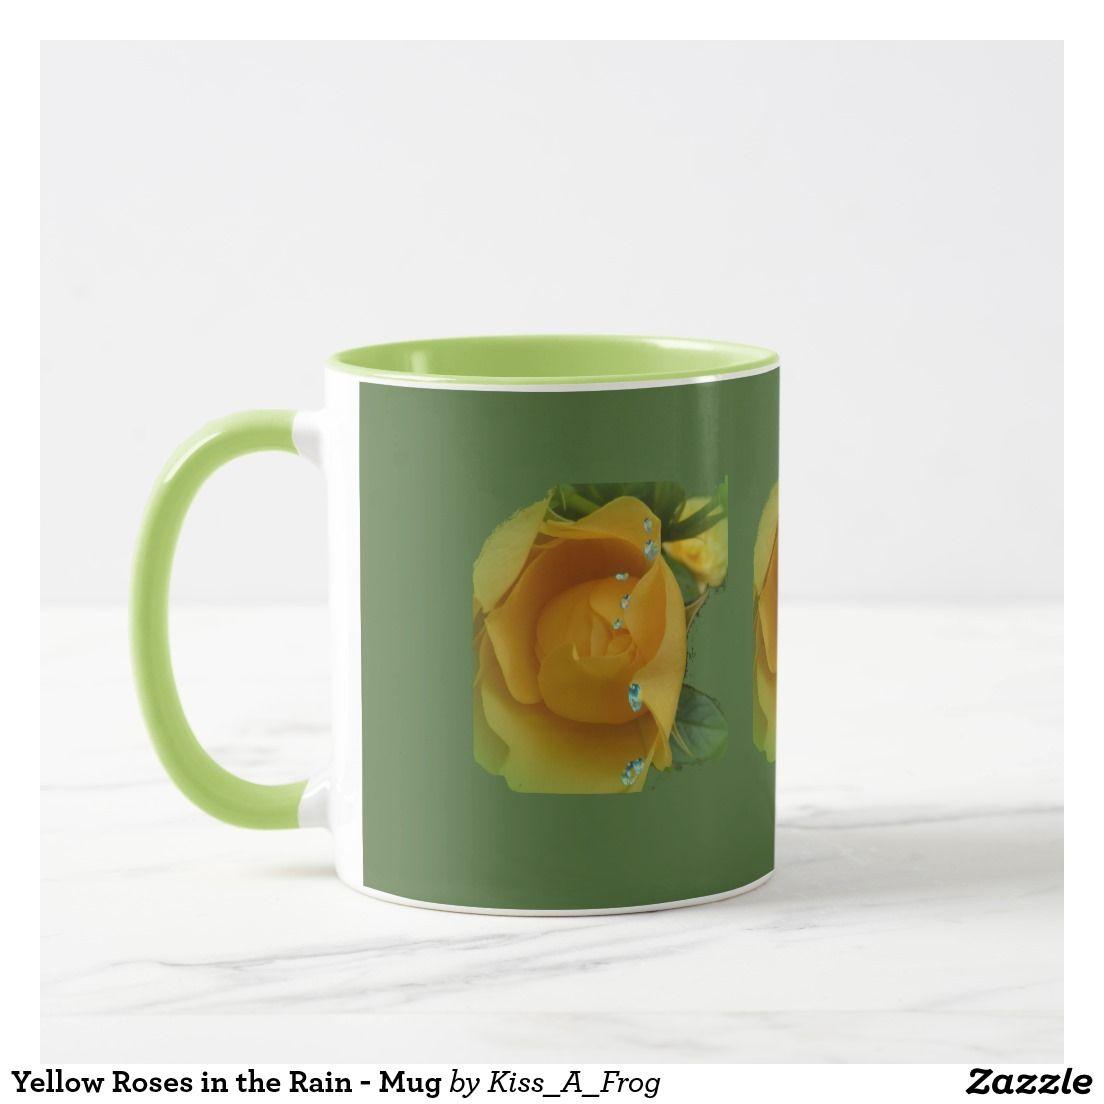 Yellow Roses in the Rain - Mug